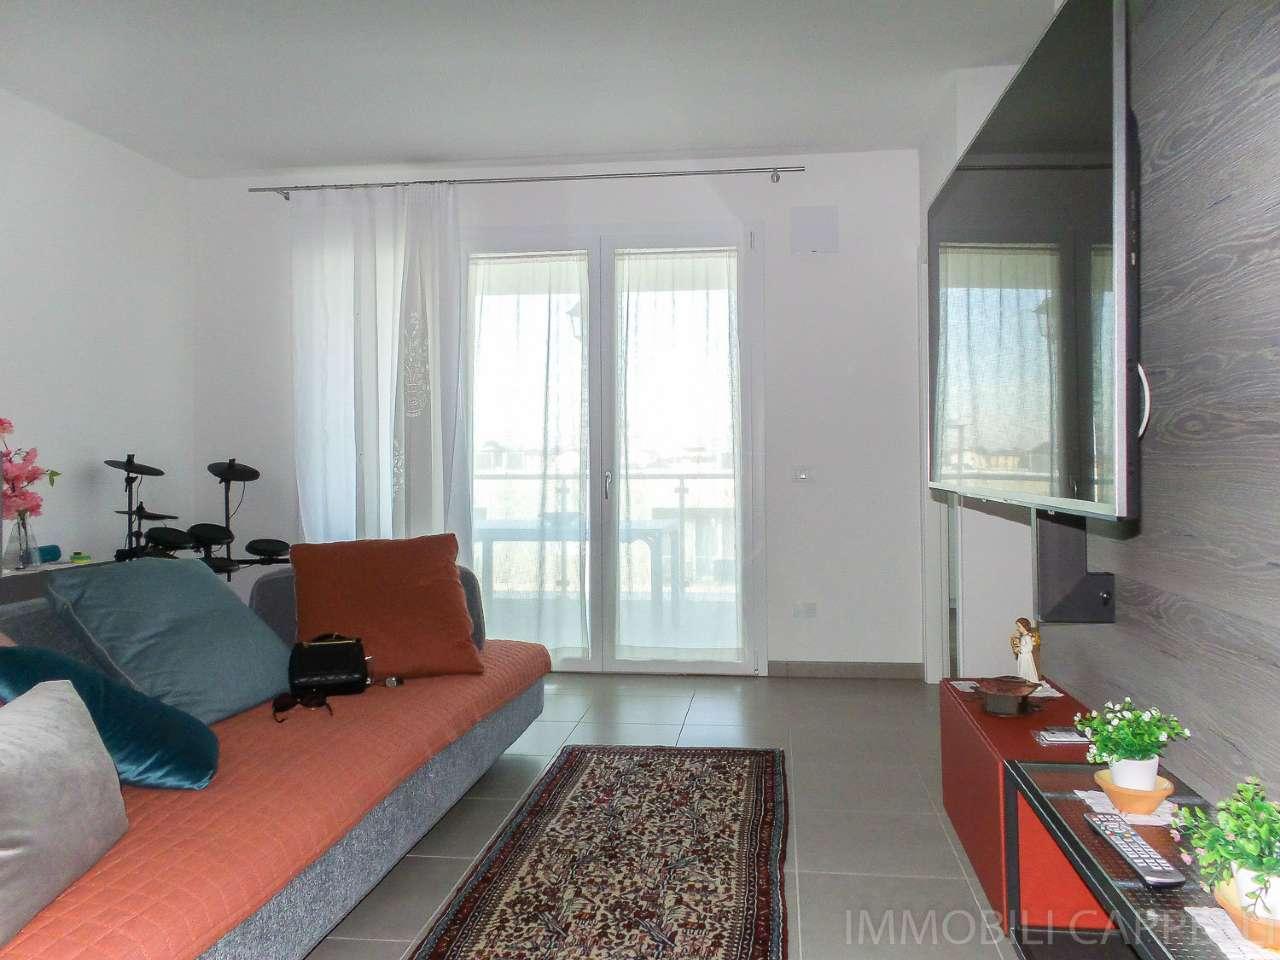 Forlimpopoli appartamento seminuovo CLASSE A 2 camere in vendita